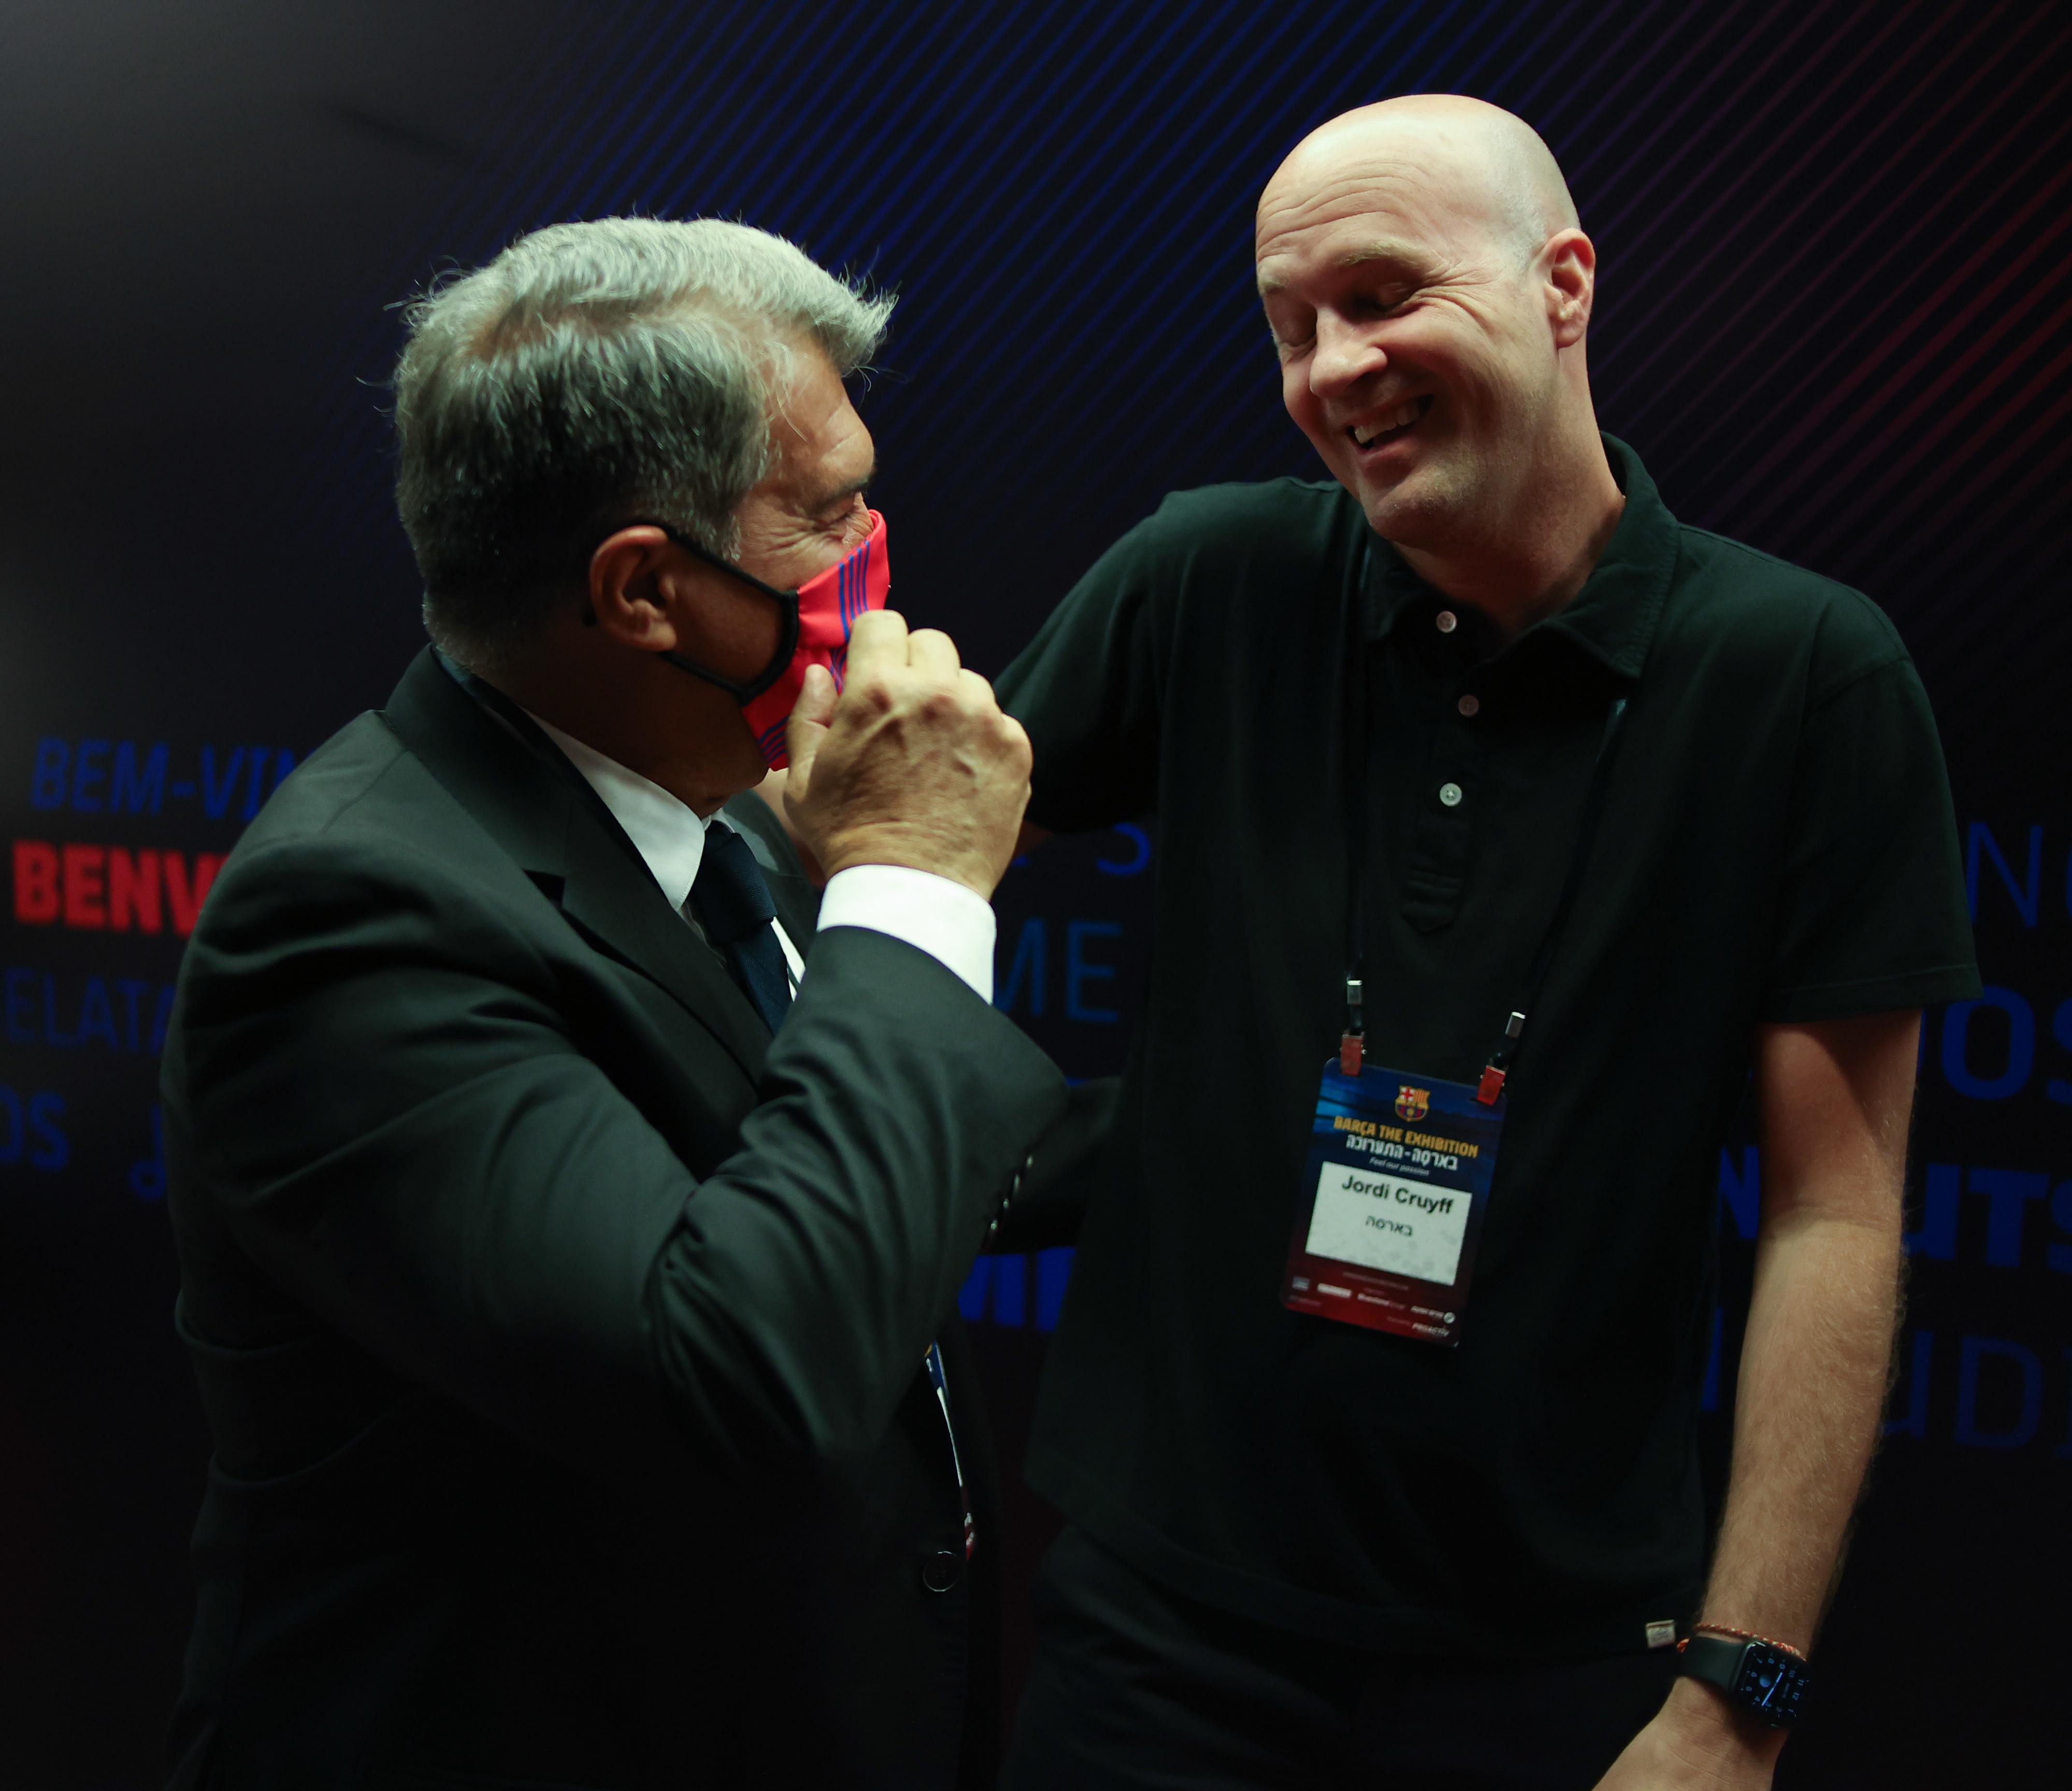 ג'ורדי קרויף עם ז'ואן לאפורטה בתערוכת ברצלונה